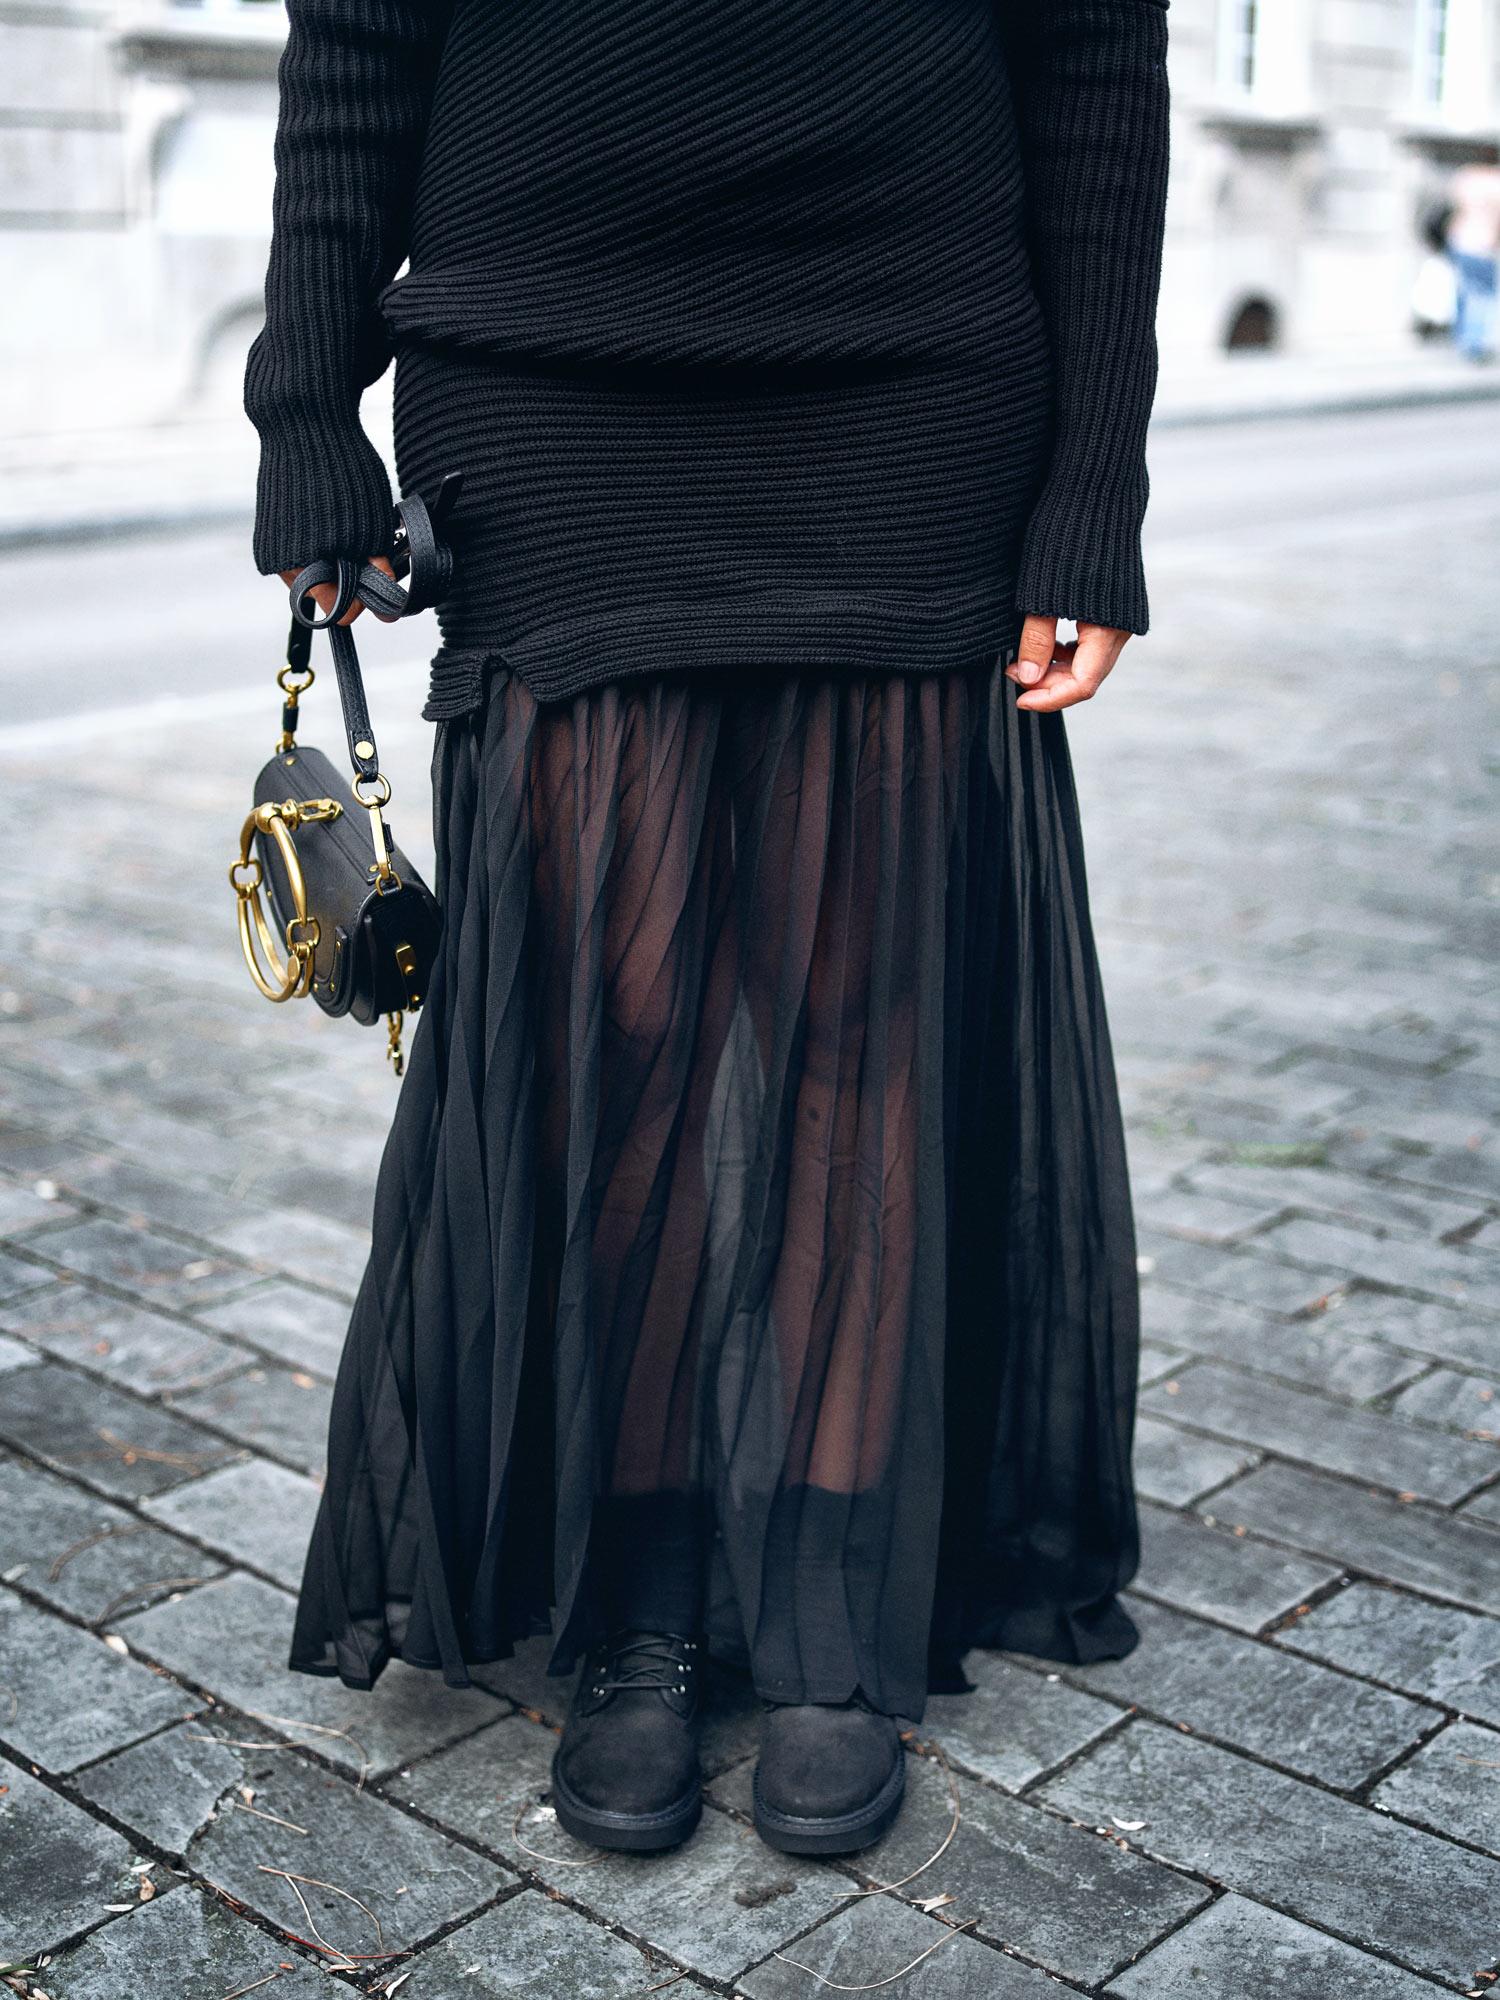 bloggerdeutschland-fashionblogger-fashion-blogger-modeblogger-modeblog-munich-blog-herbstlook-coole-sweater-treffen-plisse-roecke